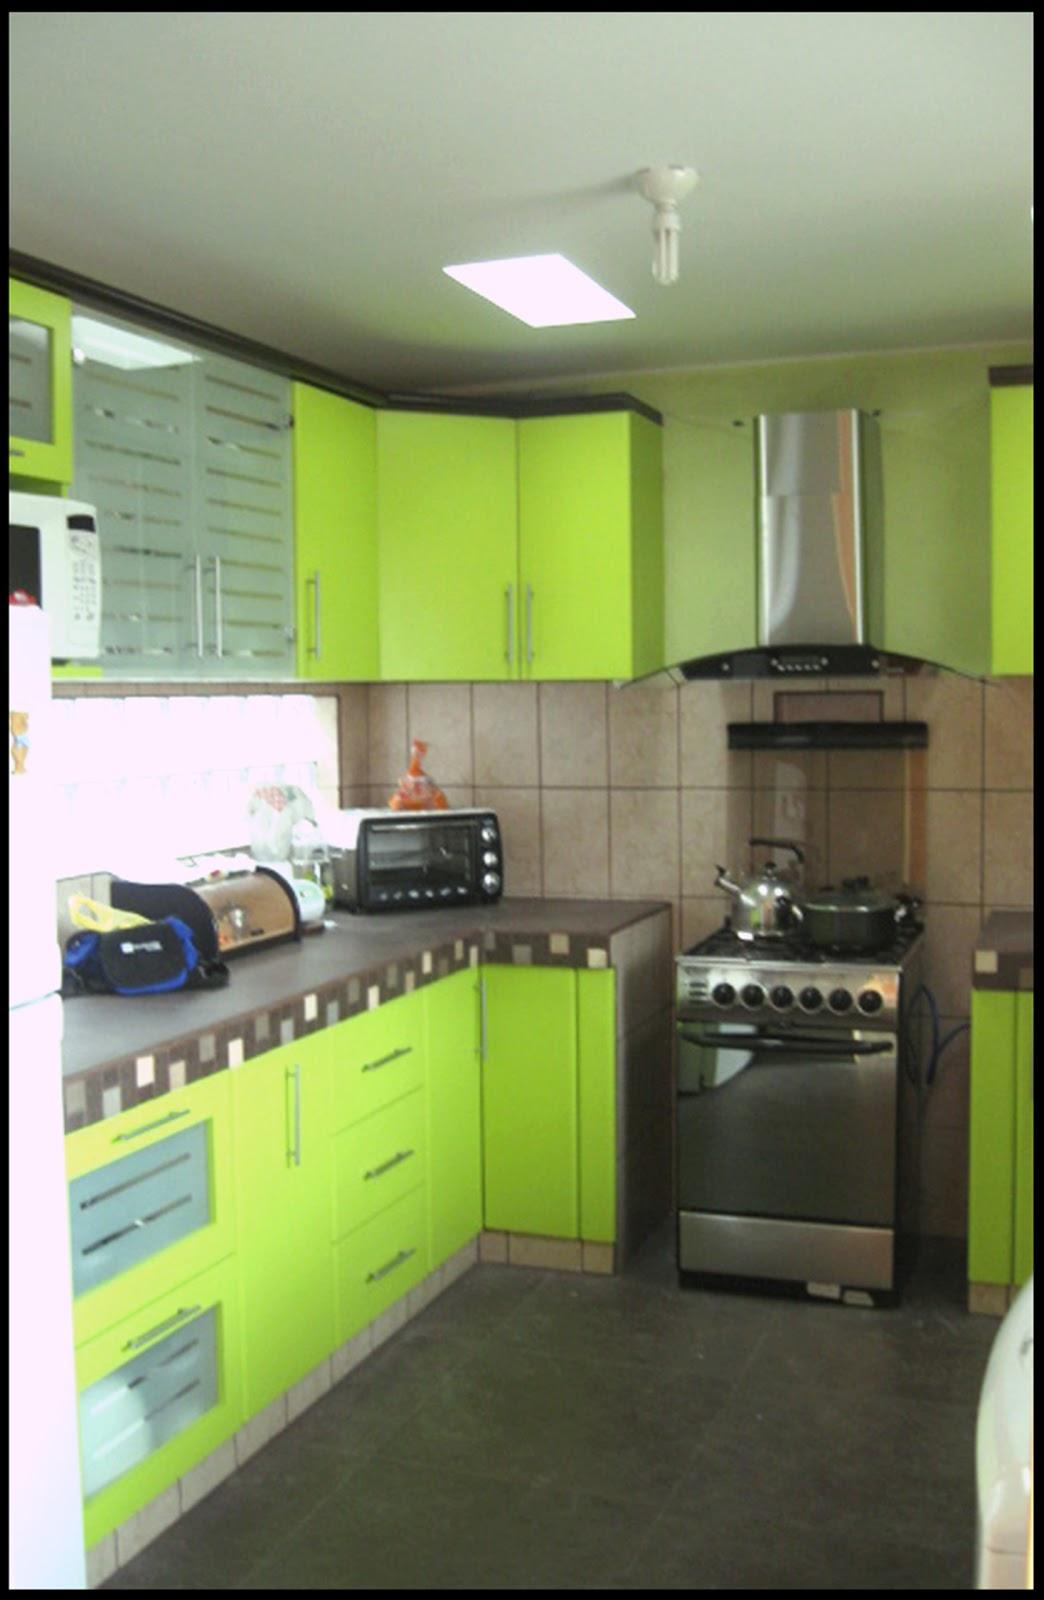 muebles de cocina madera verde muebles decoratiba adolfo ibarra v cocina con puertas en vidrio